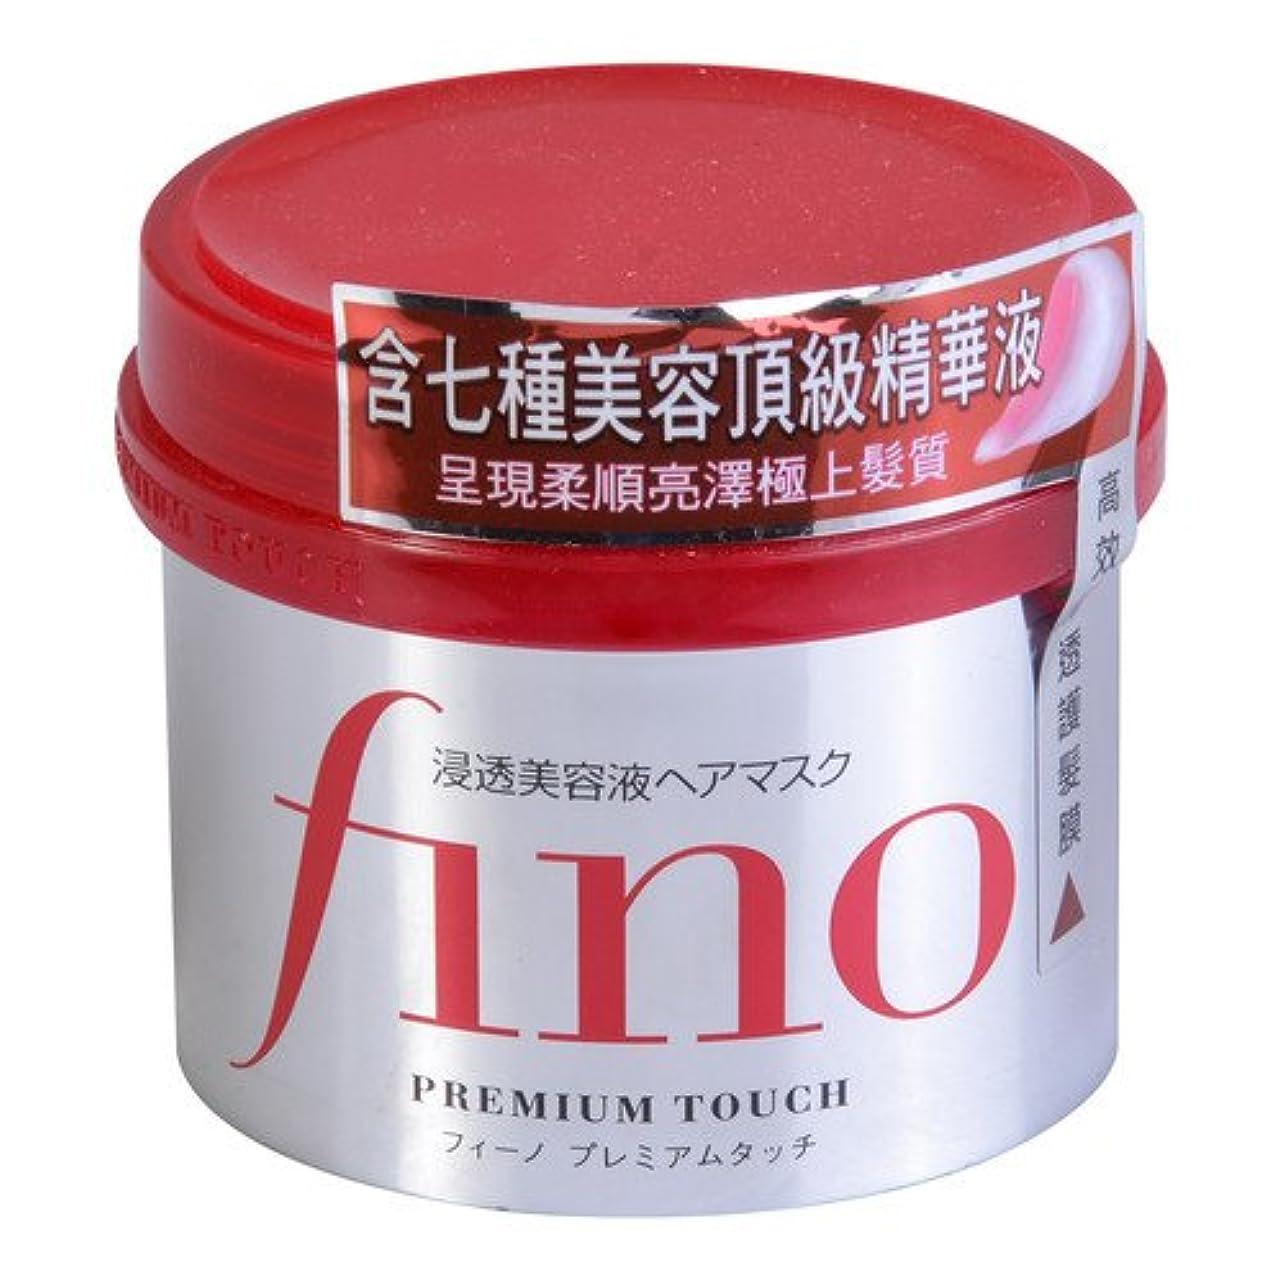 するだろうサルベージ洗練されたフィーノ プレミアムタッチ 浸透美容液ヘアマスク230g